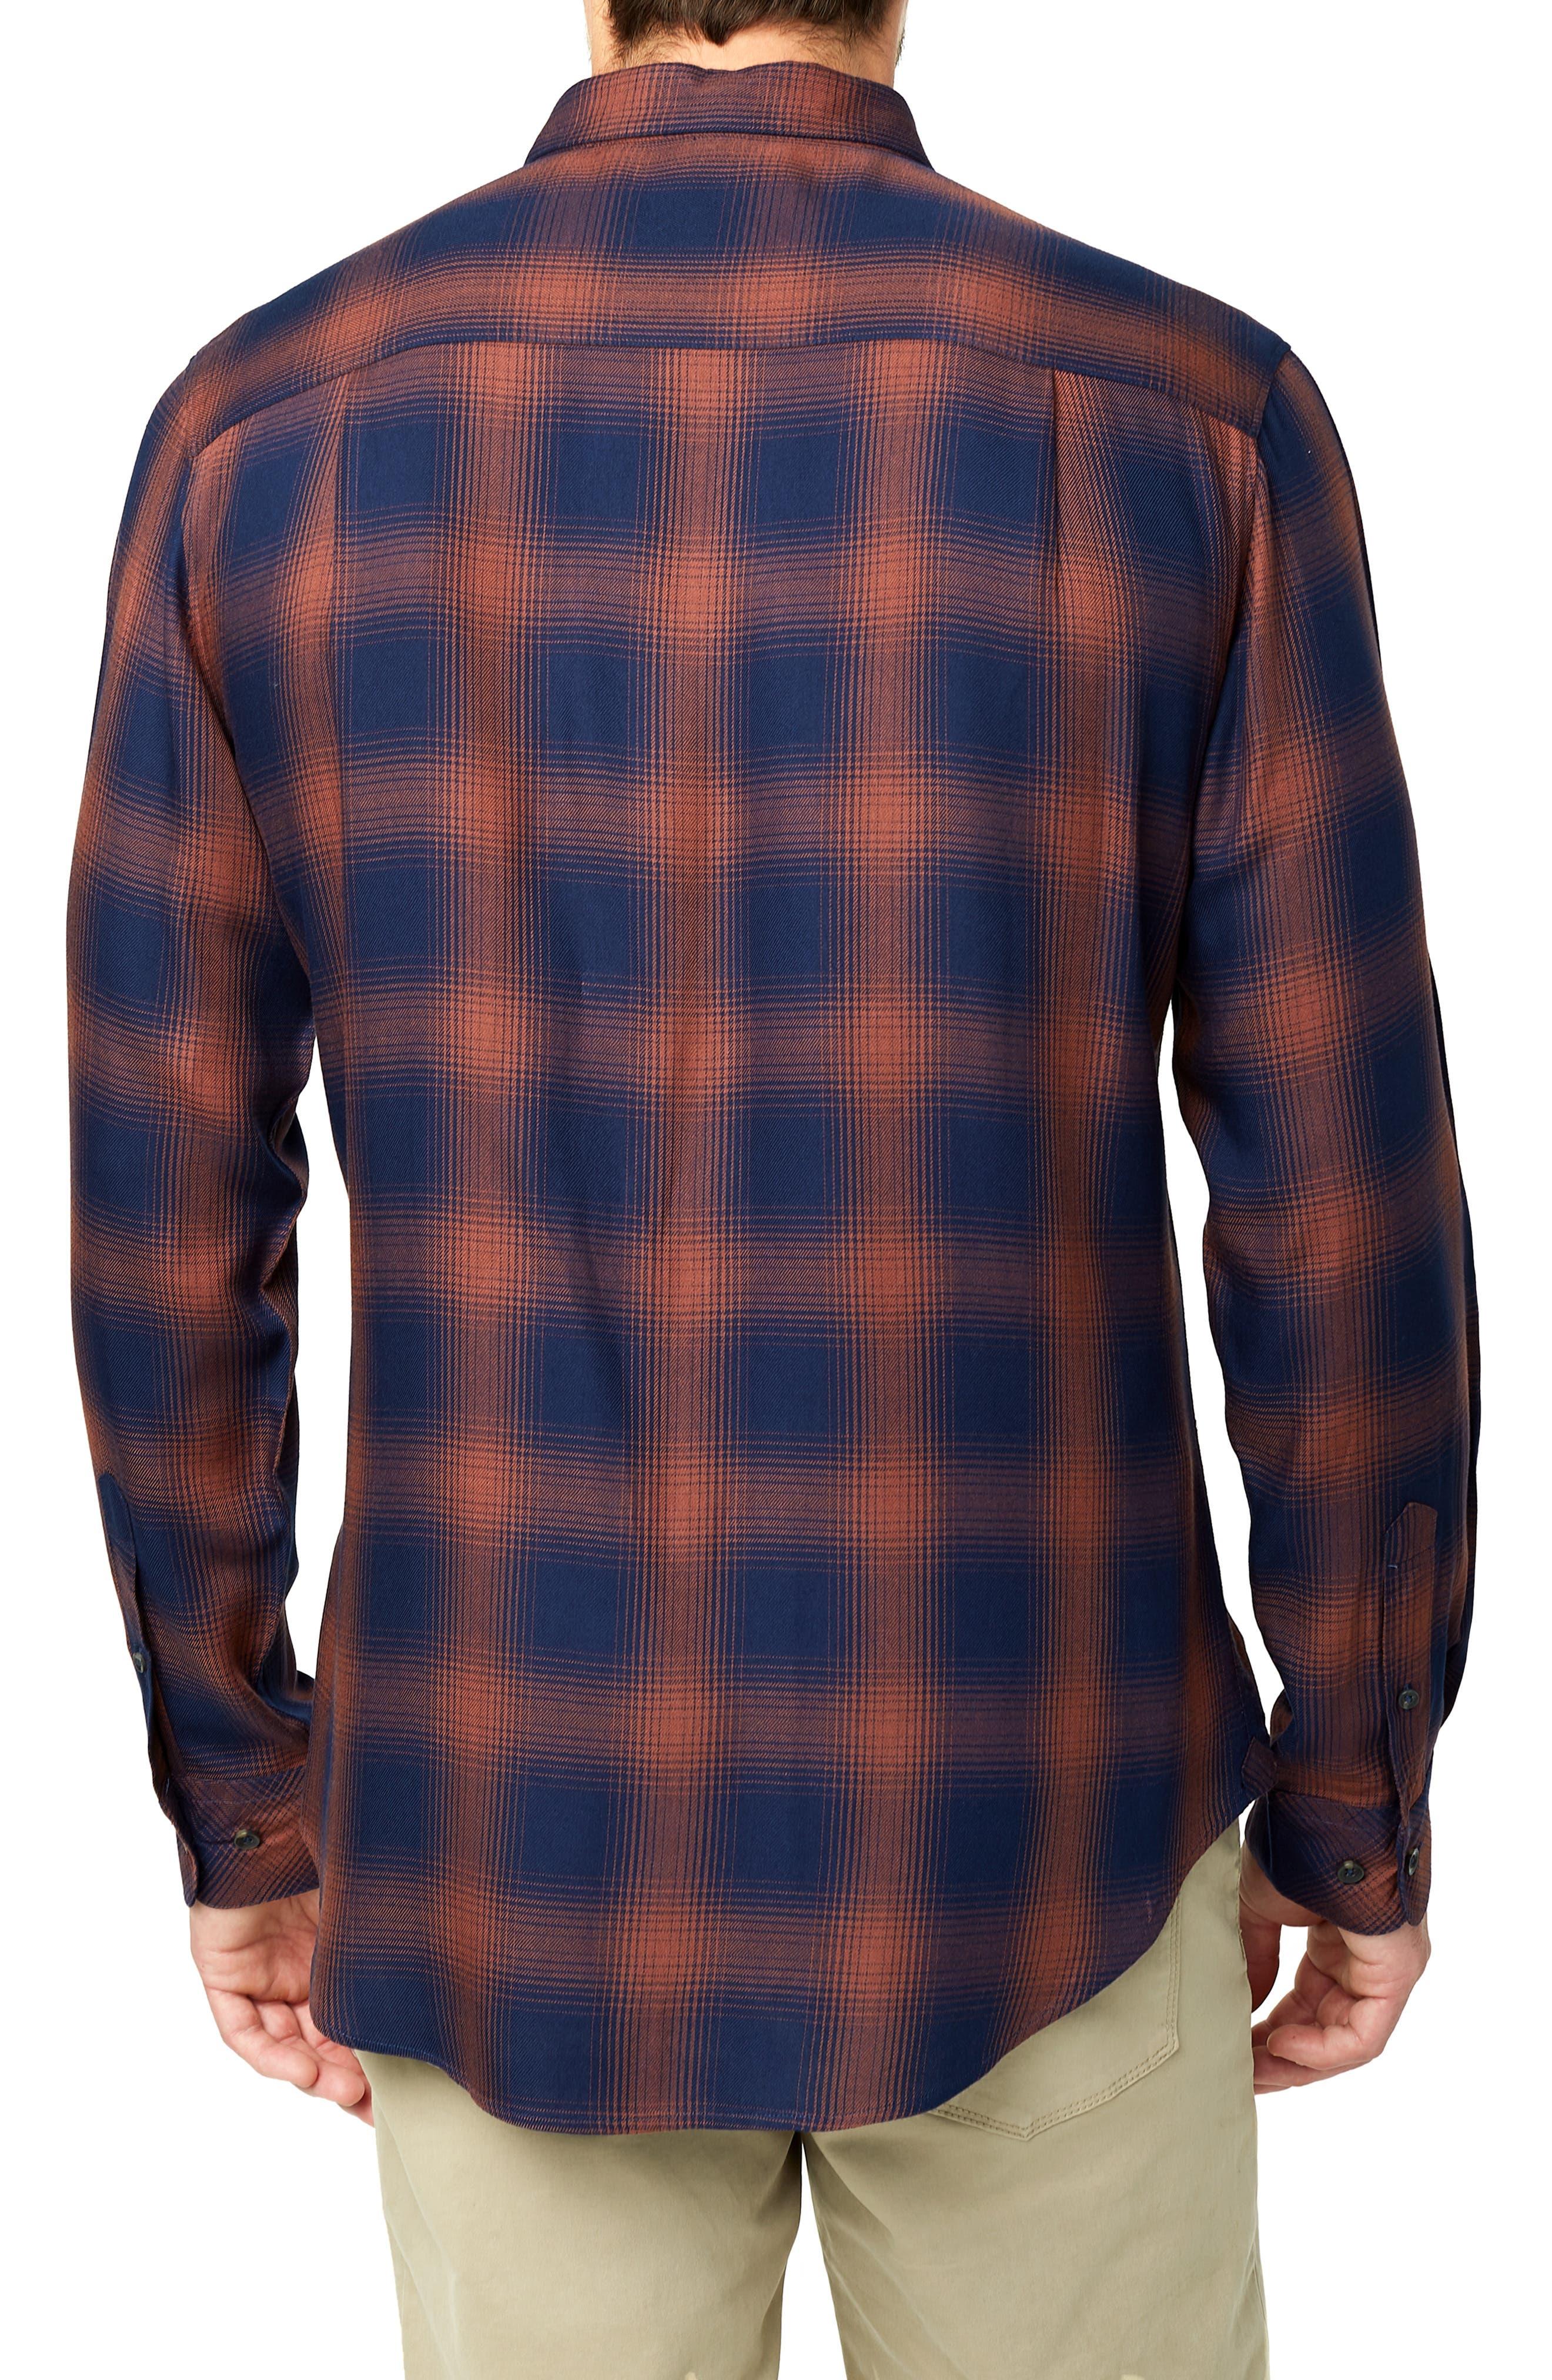 Ewan Trim Fit Flannel Shirt,                             Alternate thumbnail 3, color,                             NAVY CHESTNUT